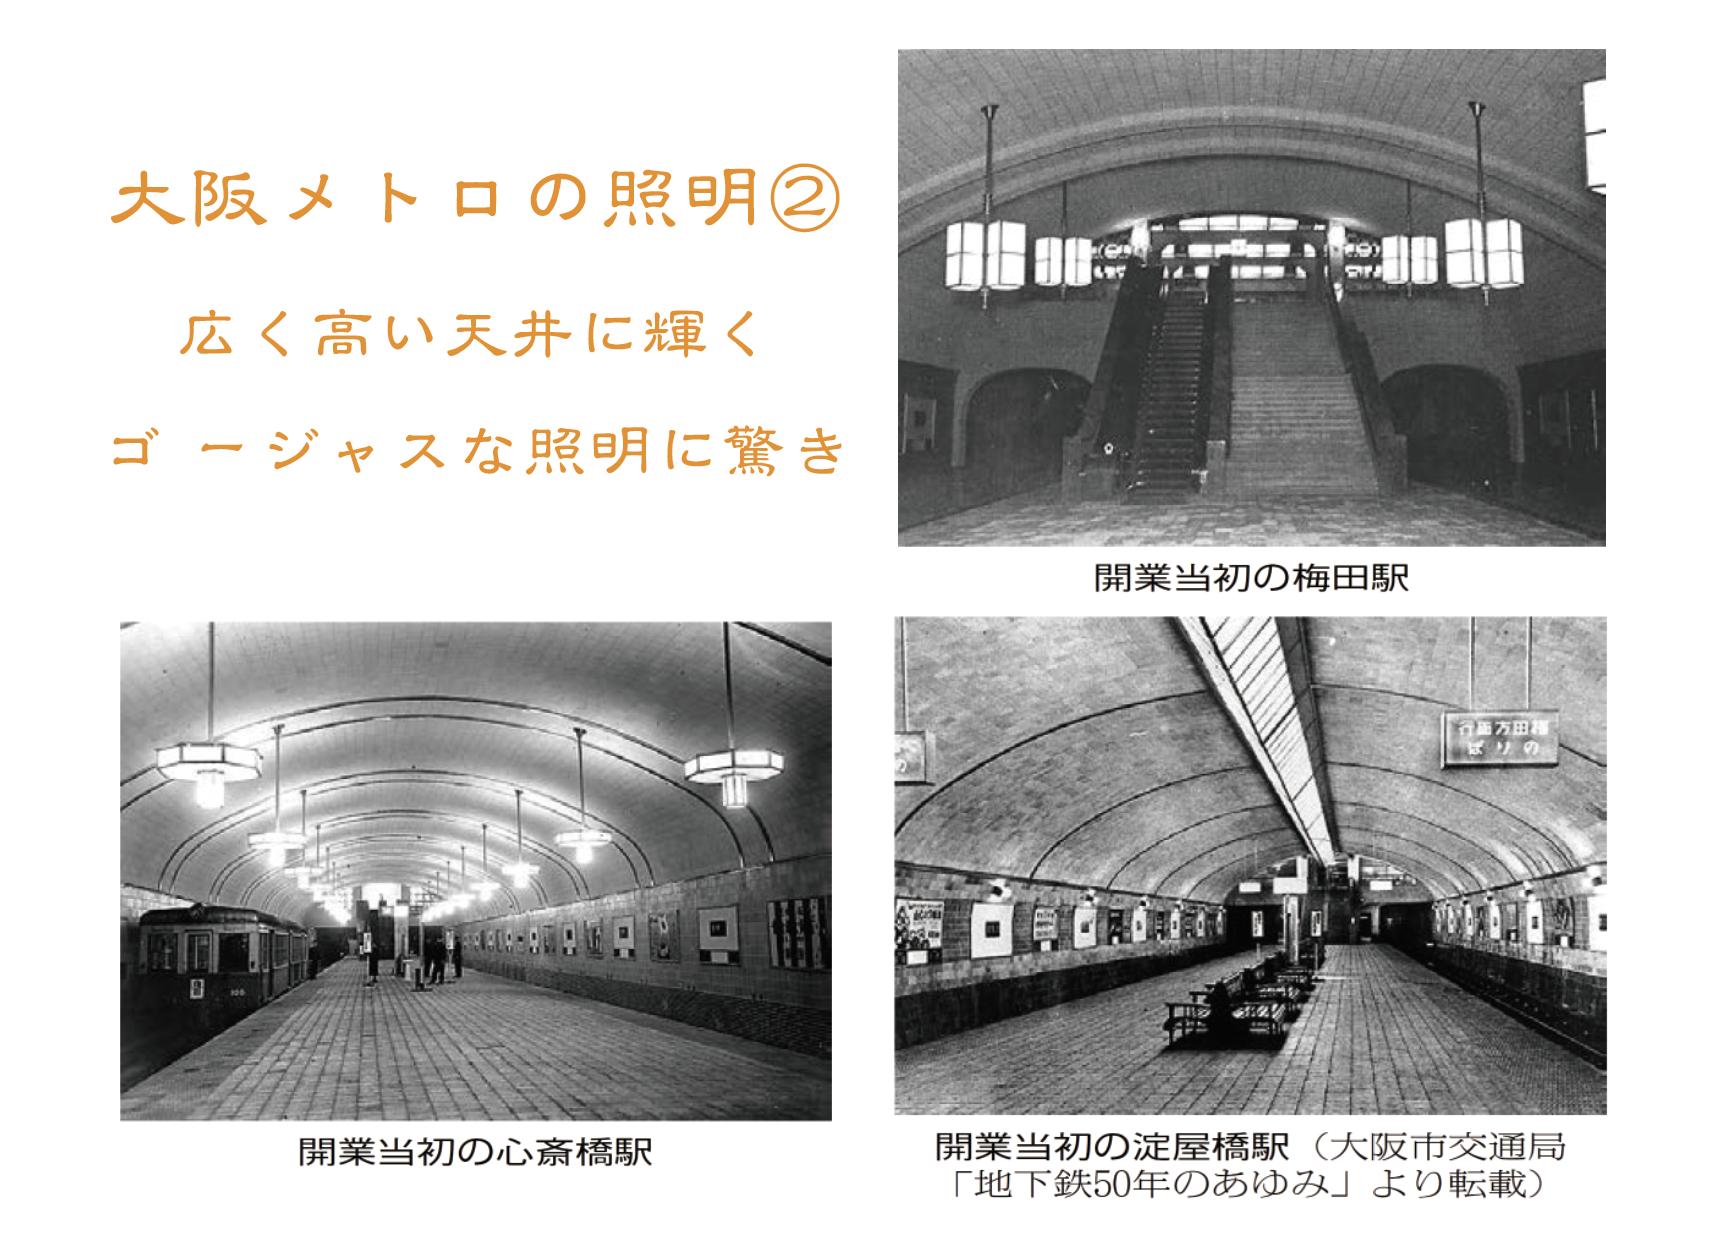 大阪メトロの照明② 広く高い天井に輝くゴ ージャスな照明に驚きの画像